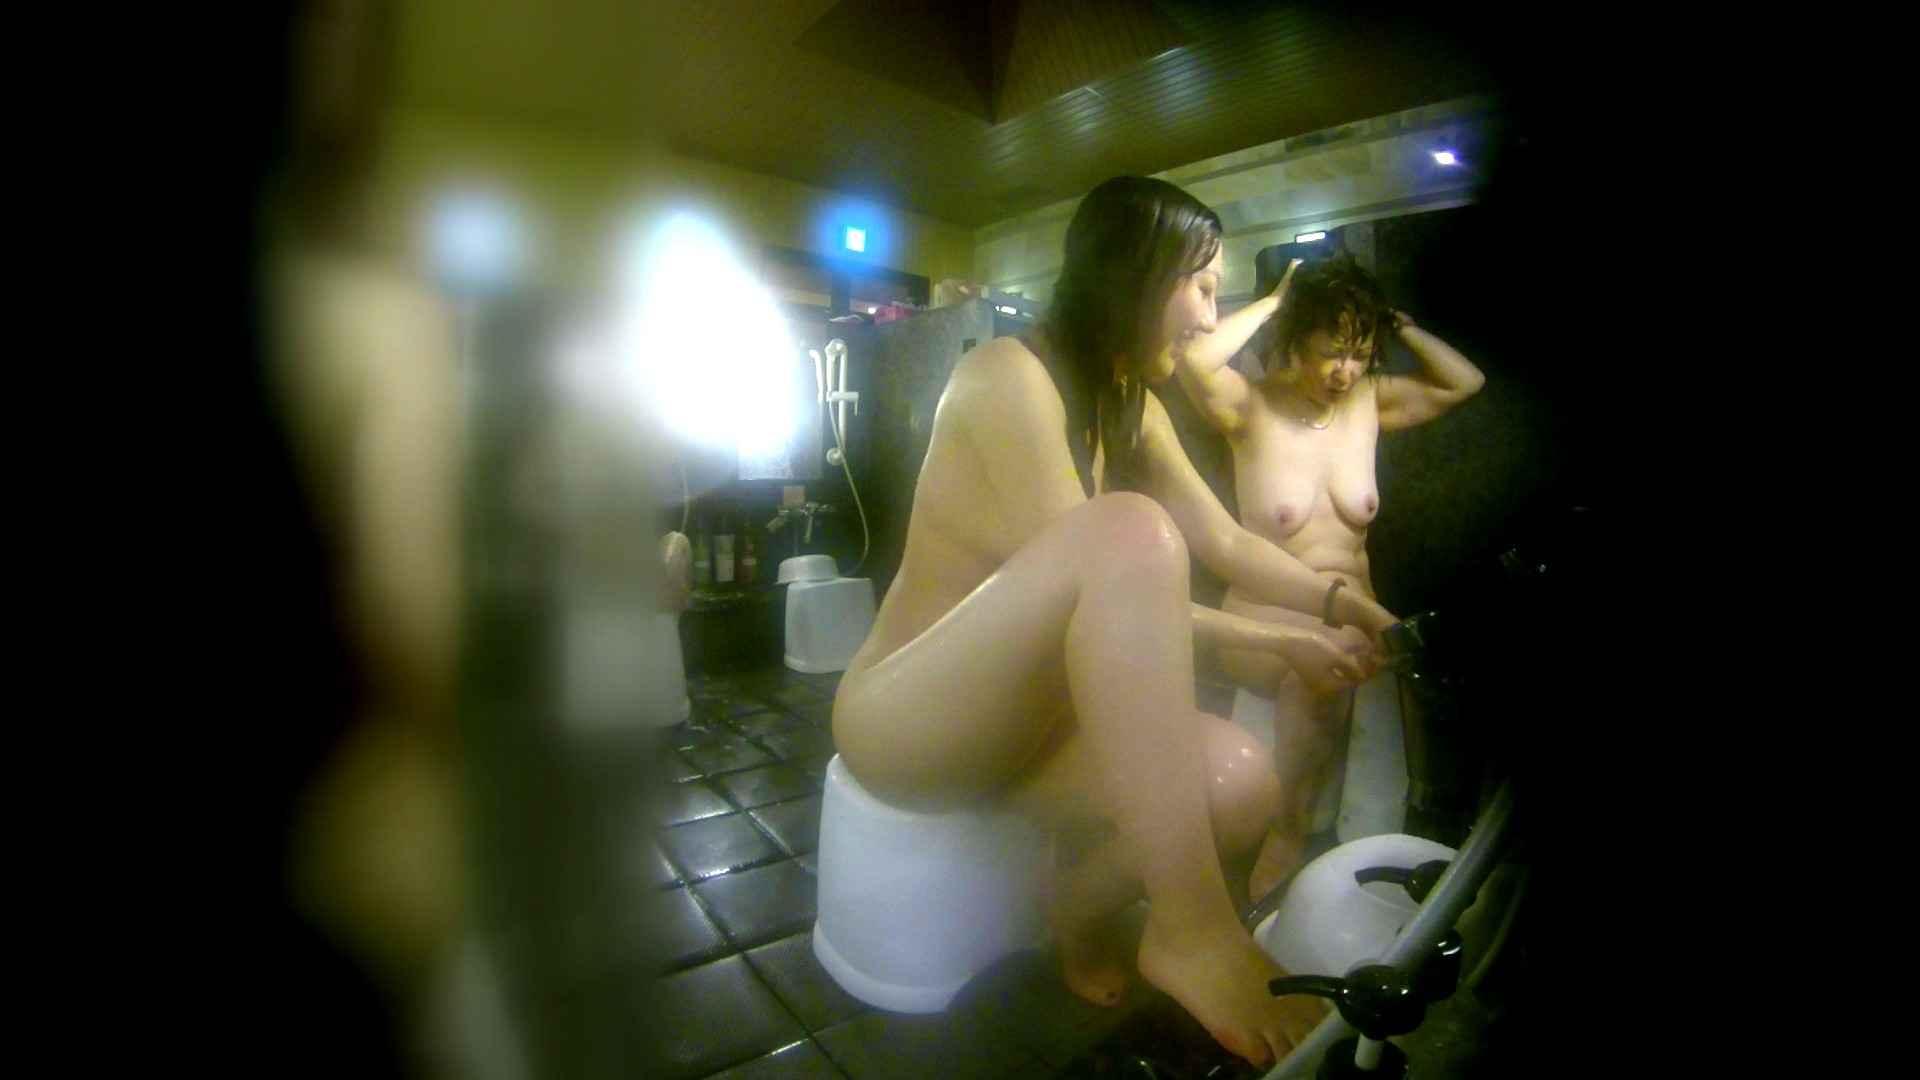 洗い場!右足の位置がいいですね。陰毛もっさり! 銭湯着替え  111画像 28